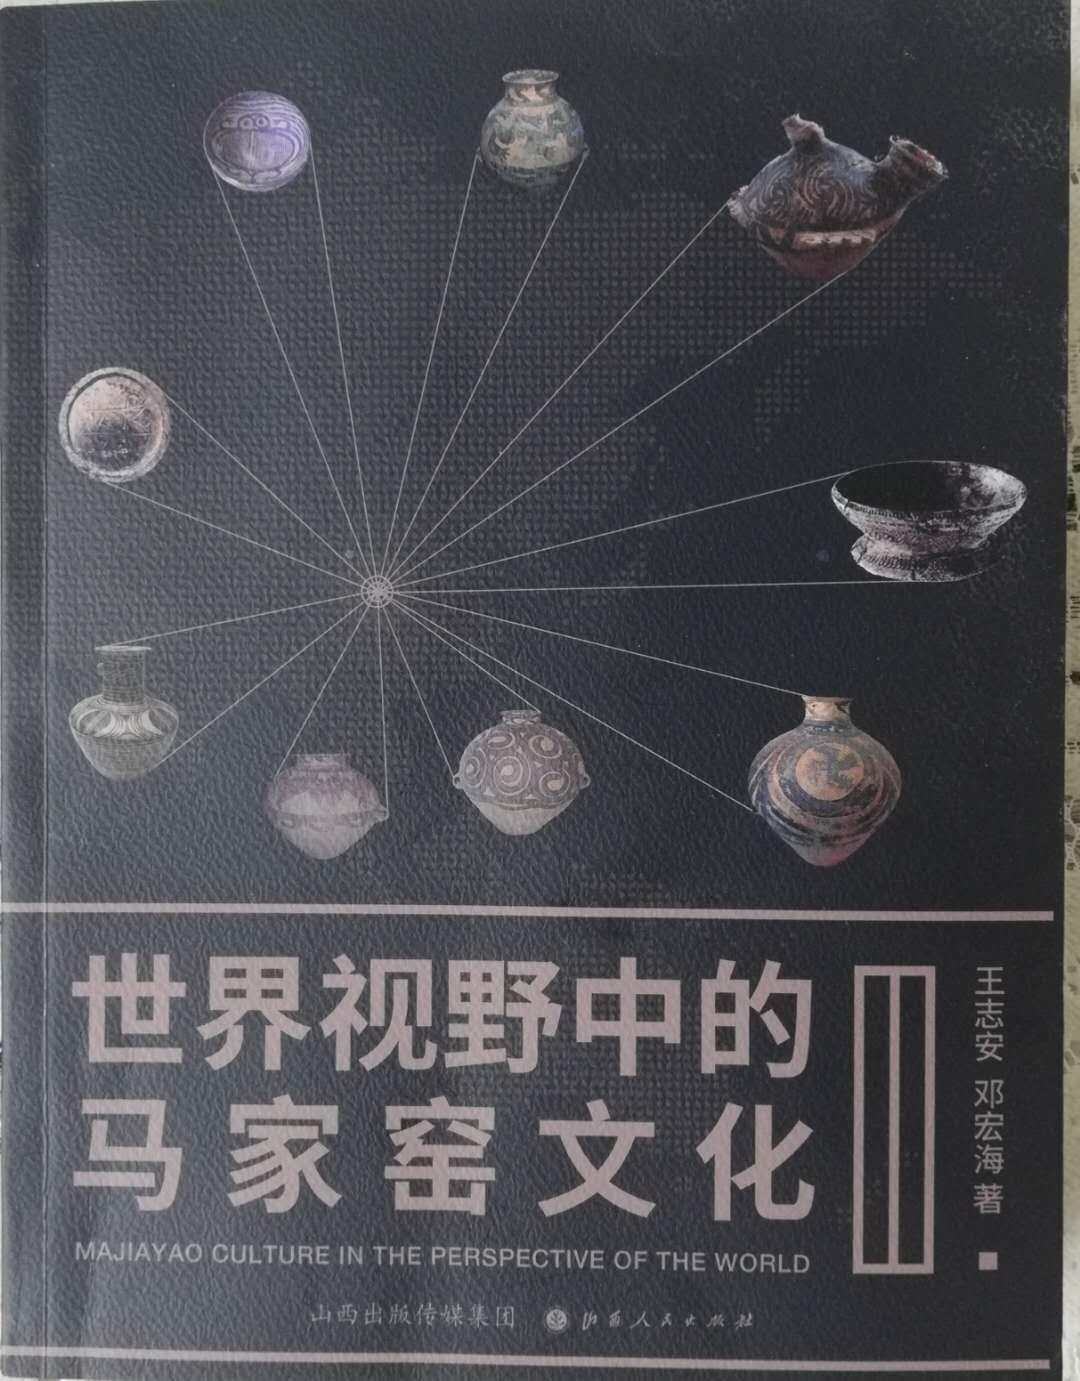 《世界视野中的马家窑文化》出版